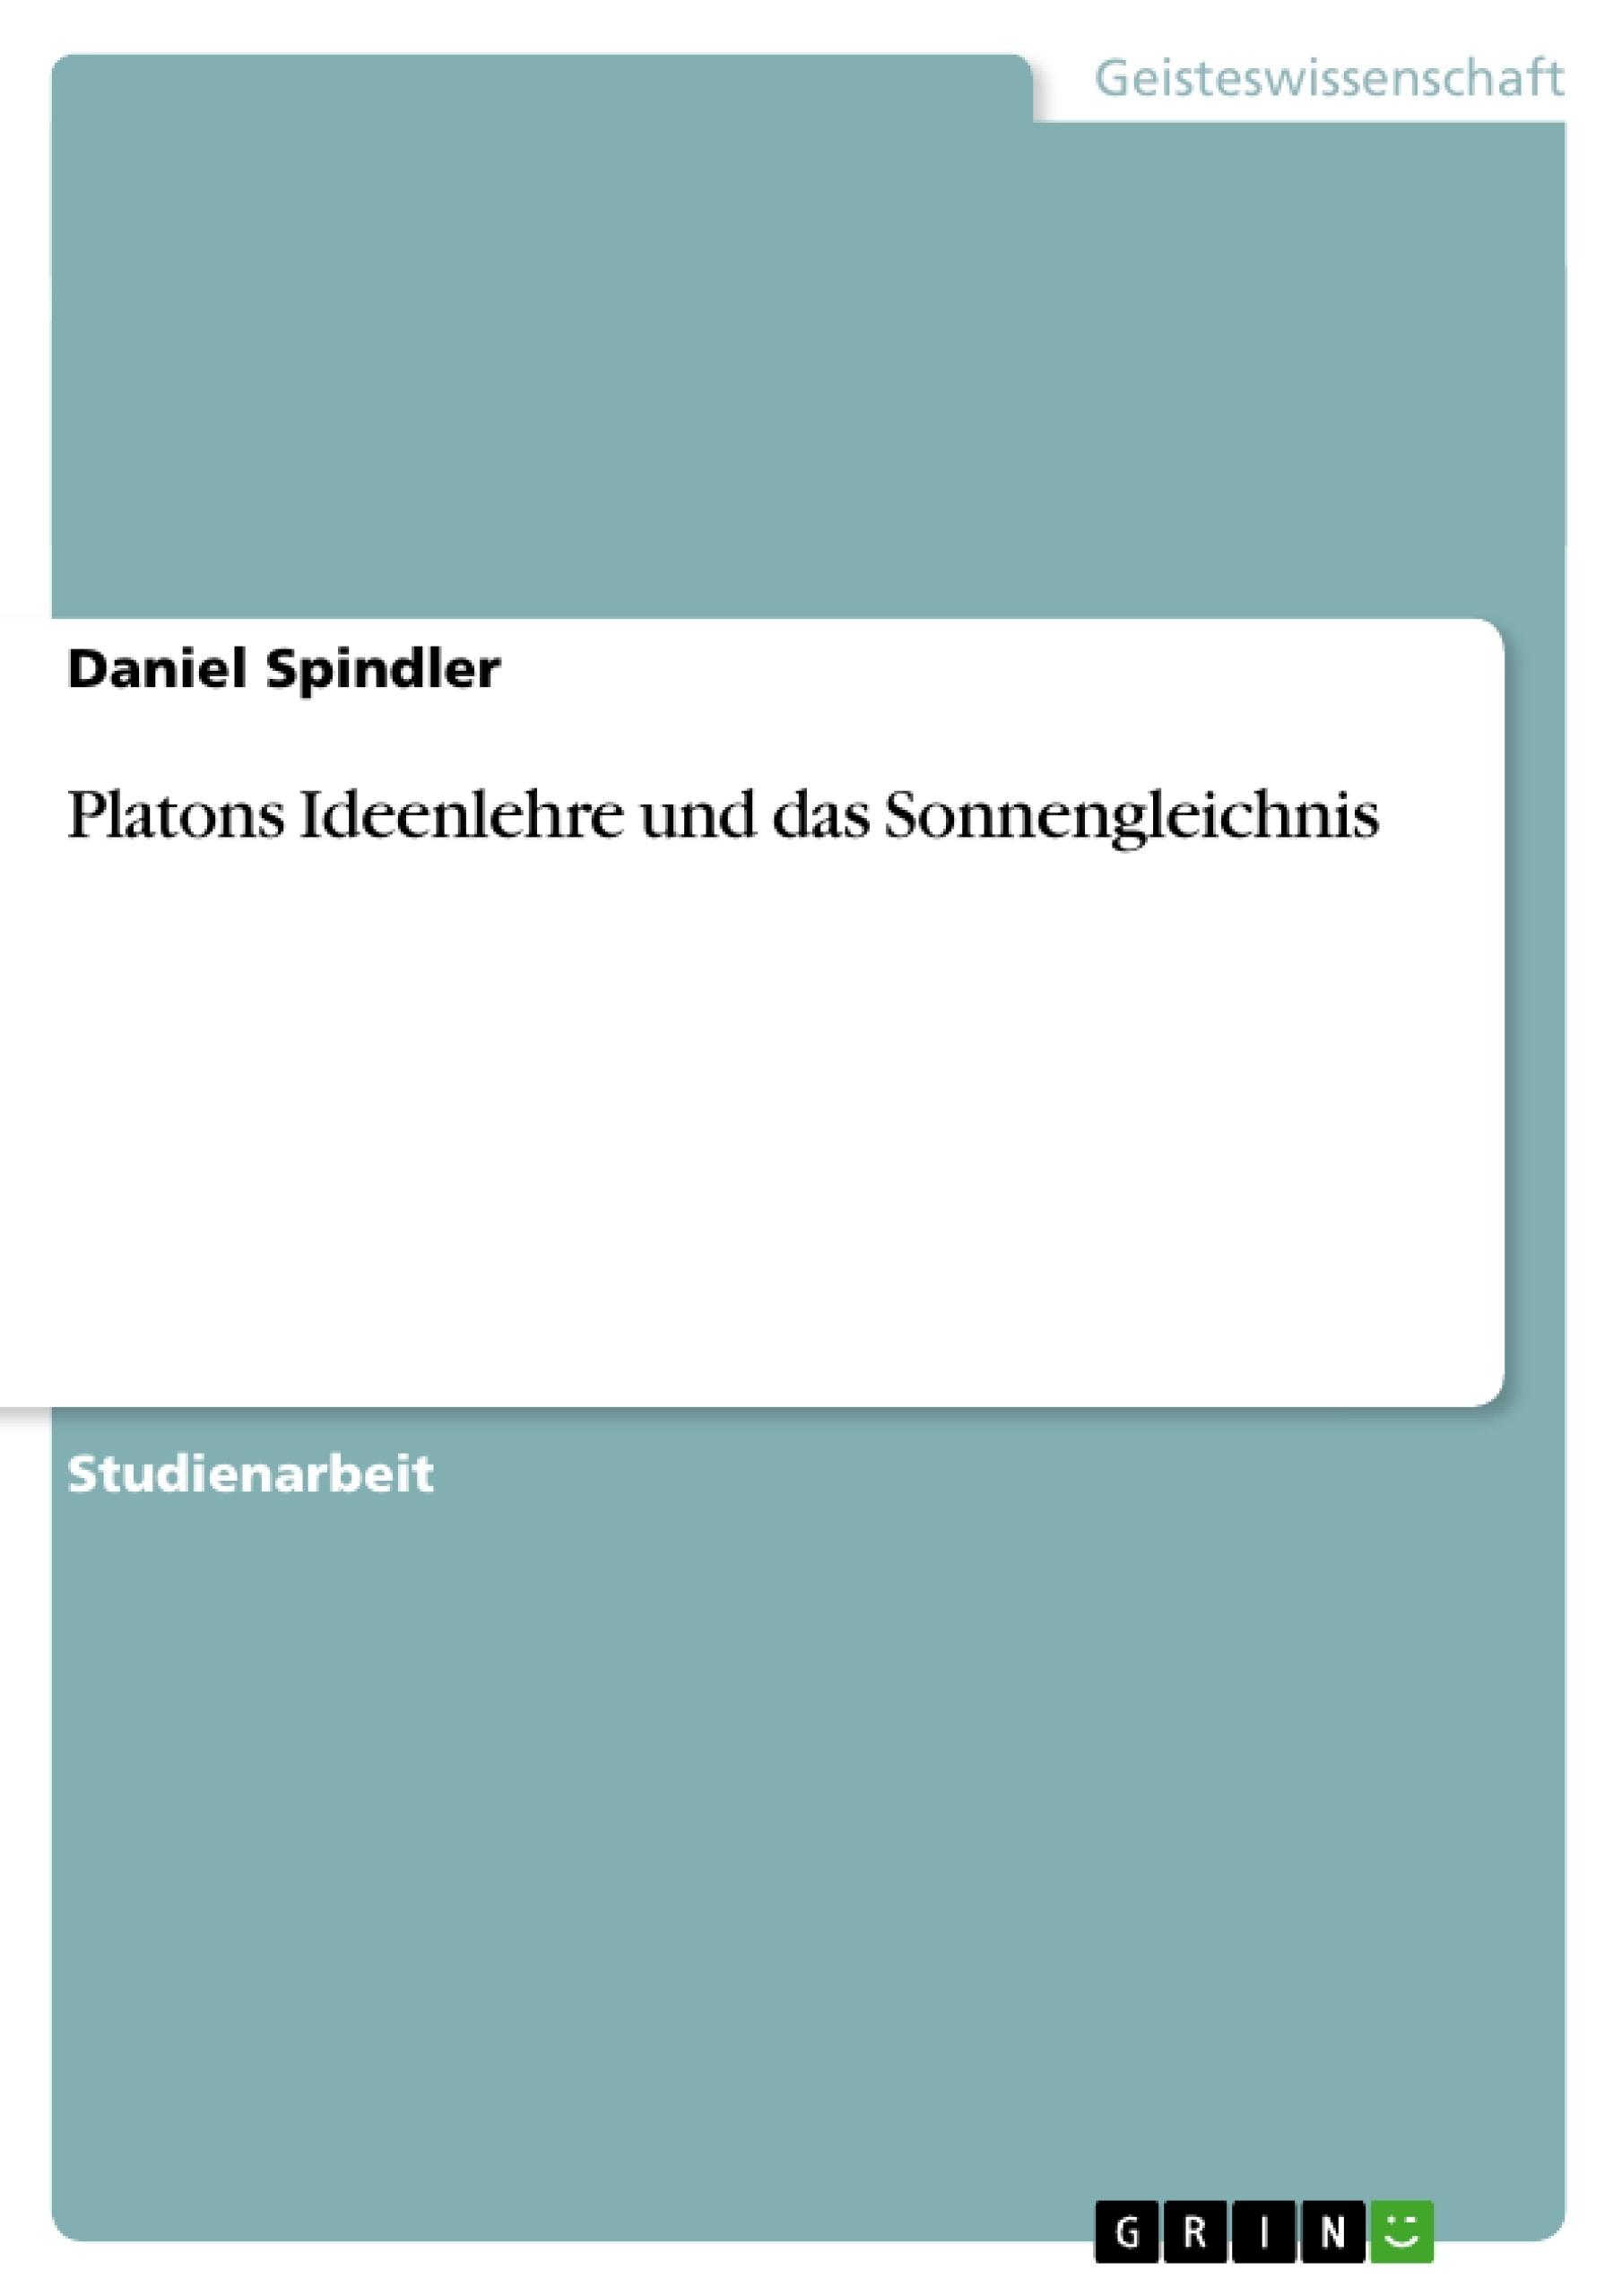 Titel: Platons Ideenlehre und das Sonnengleichnis